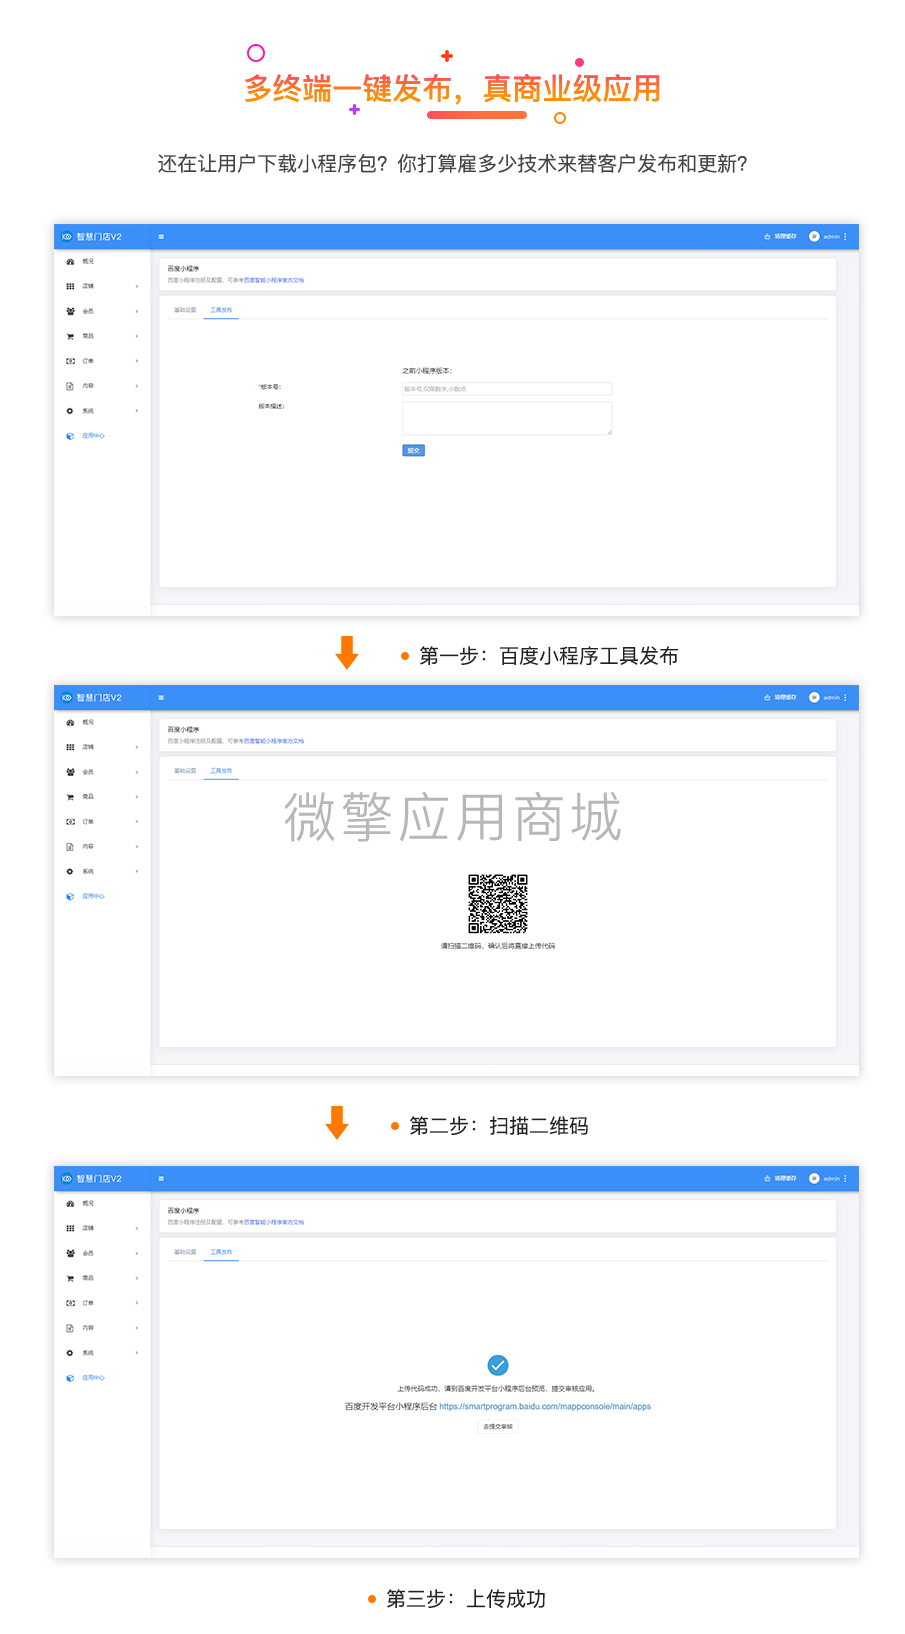 壹佰智慧商城02-1修_01.png